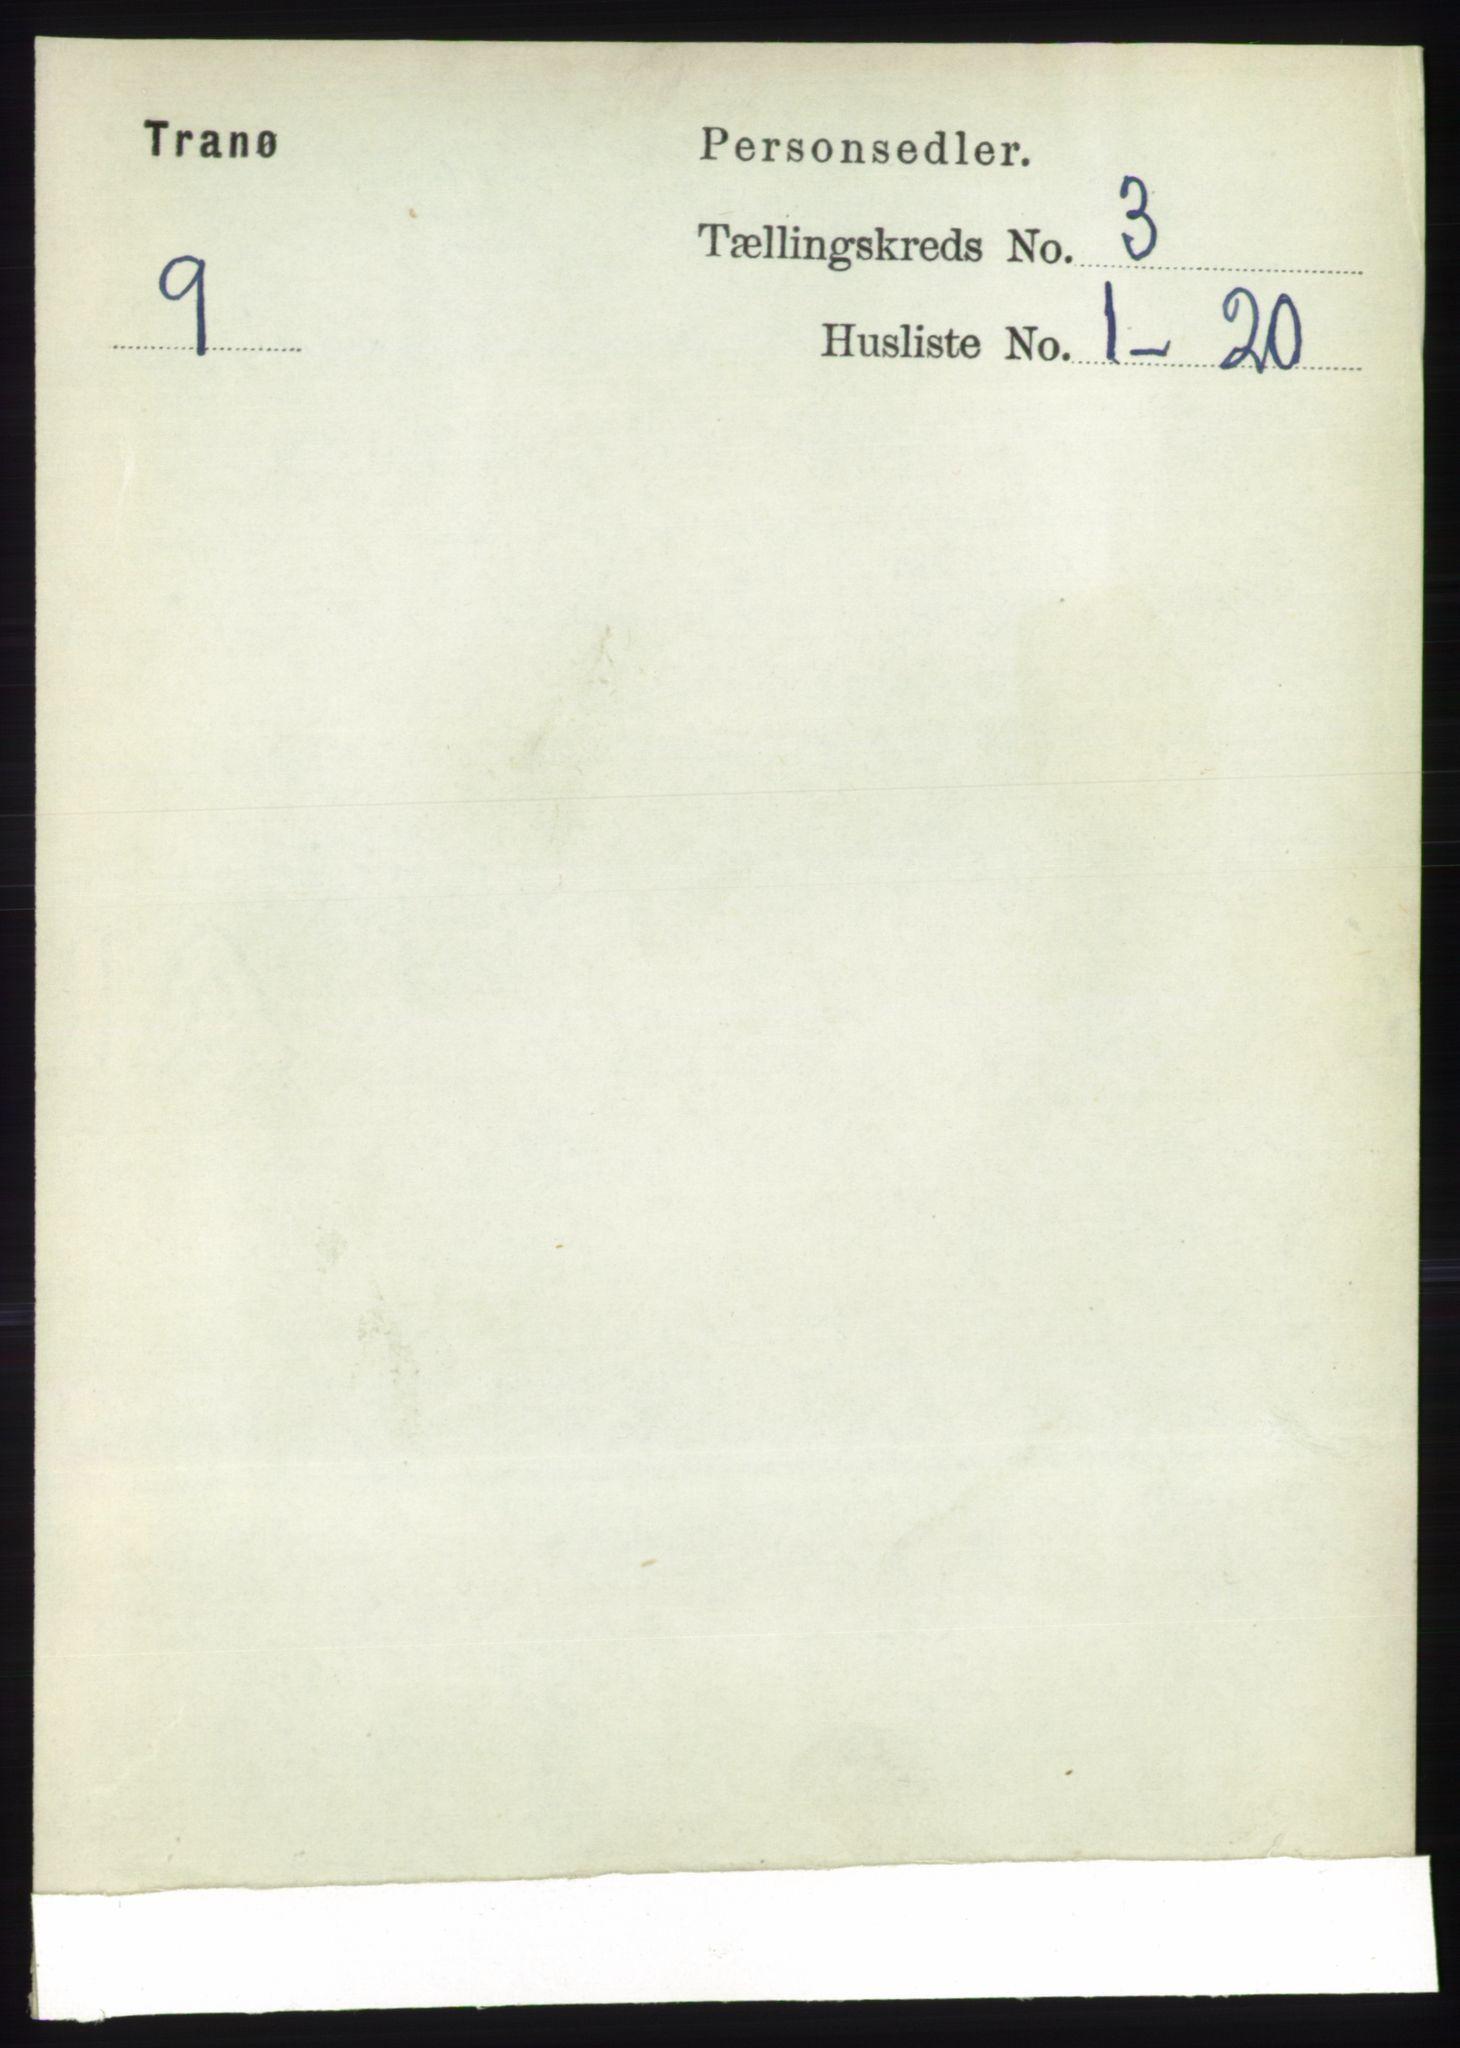 RA, Folketelling 1891 for 1927 Tranøy herred, 1891, s. 885